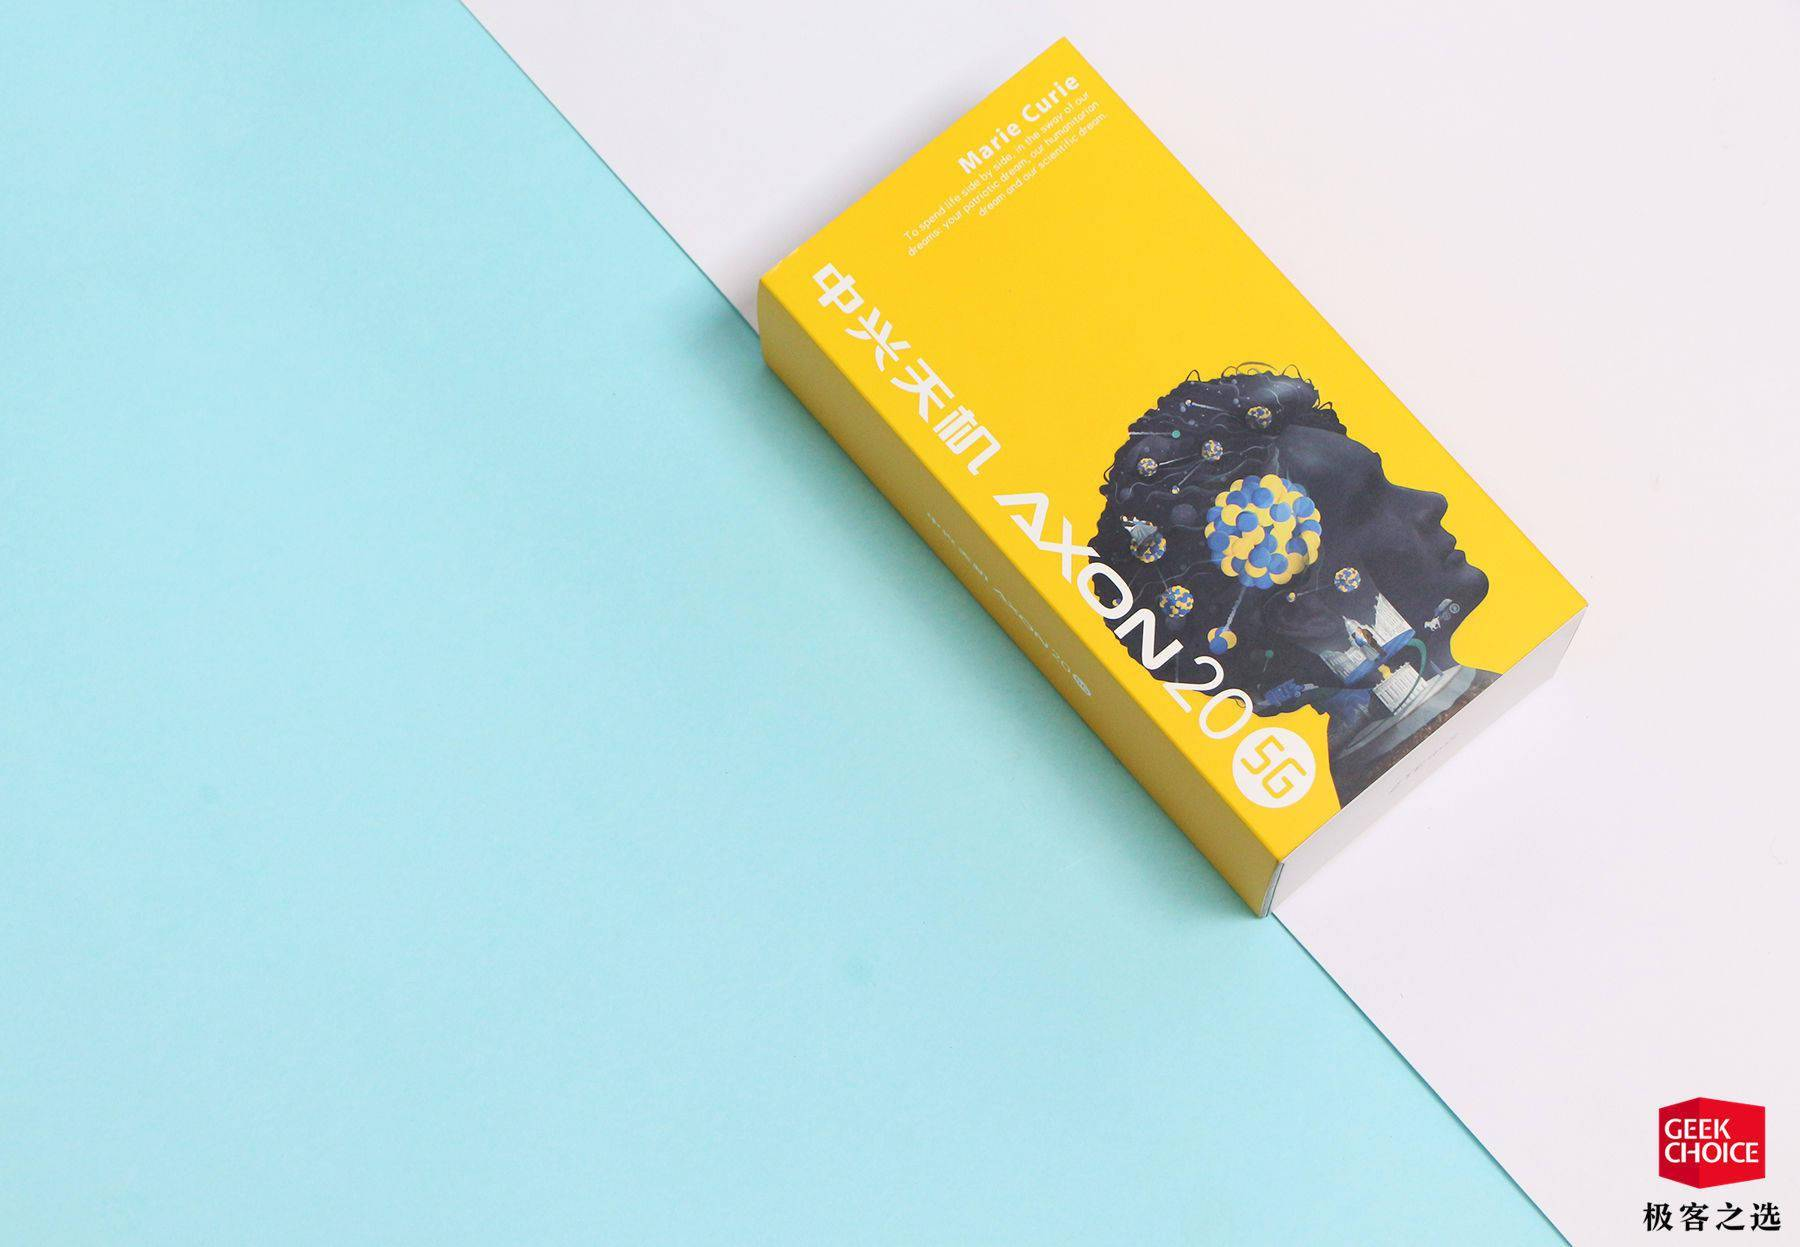 中兴天机 Axon 20 5G 体验:首款量产的「屏下摄像头」手机,用起来怎么样?